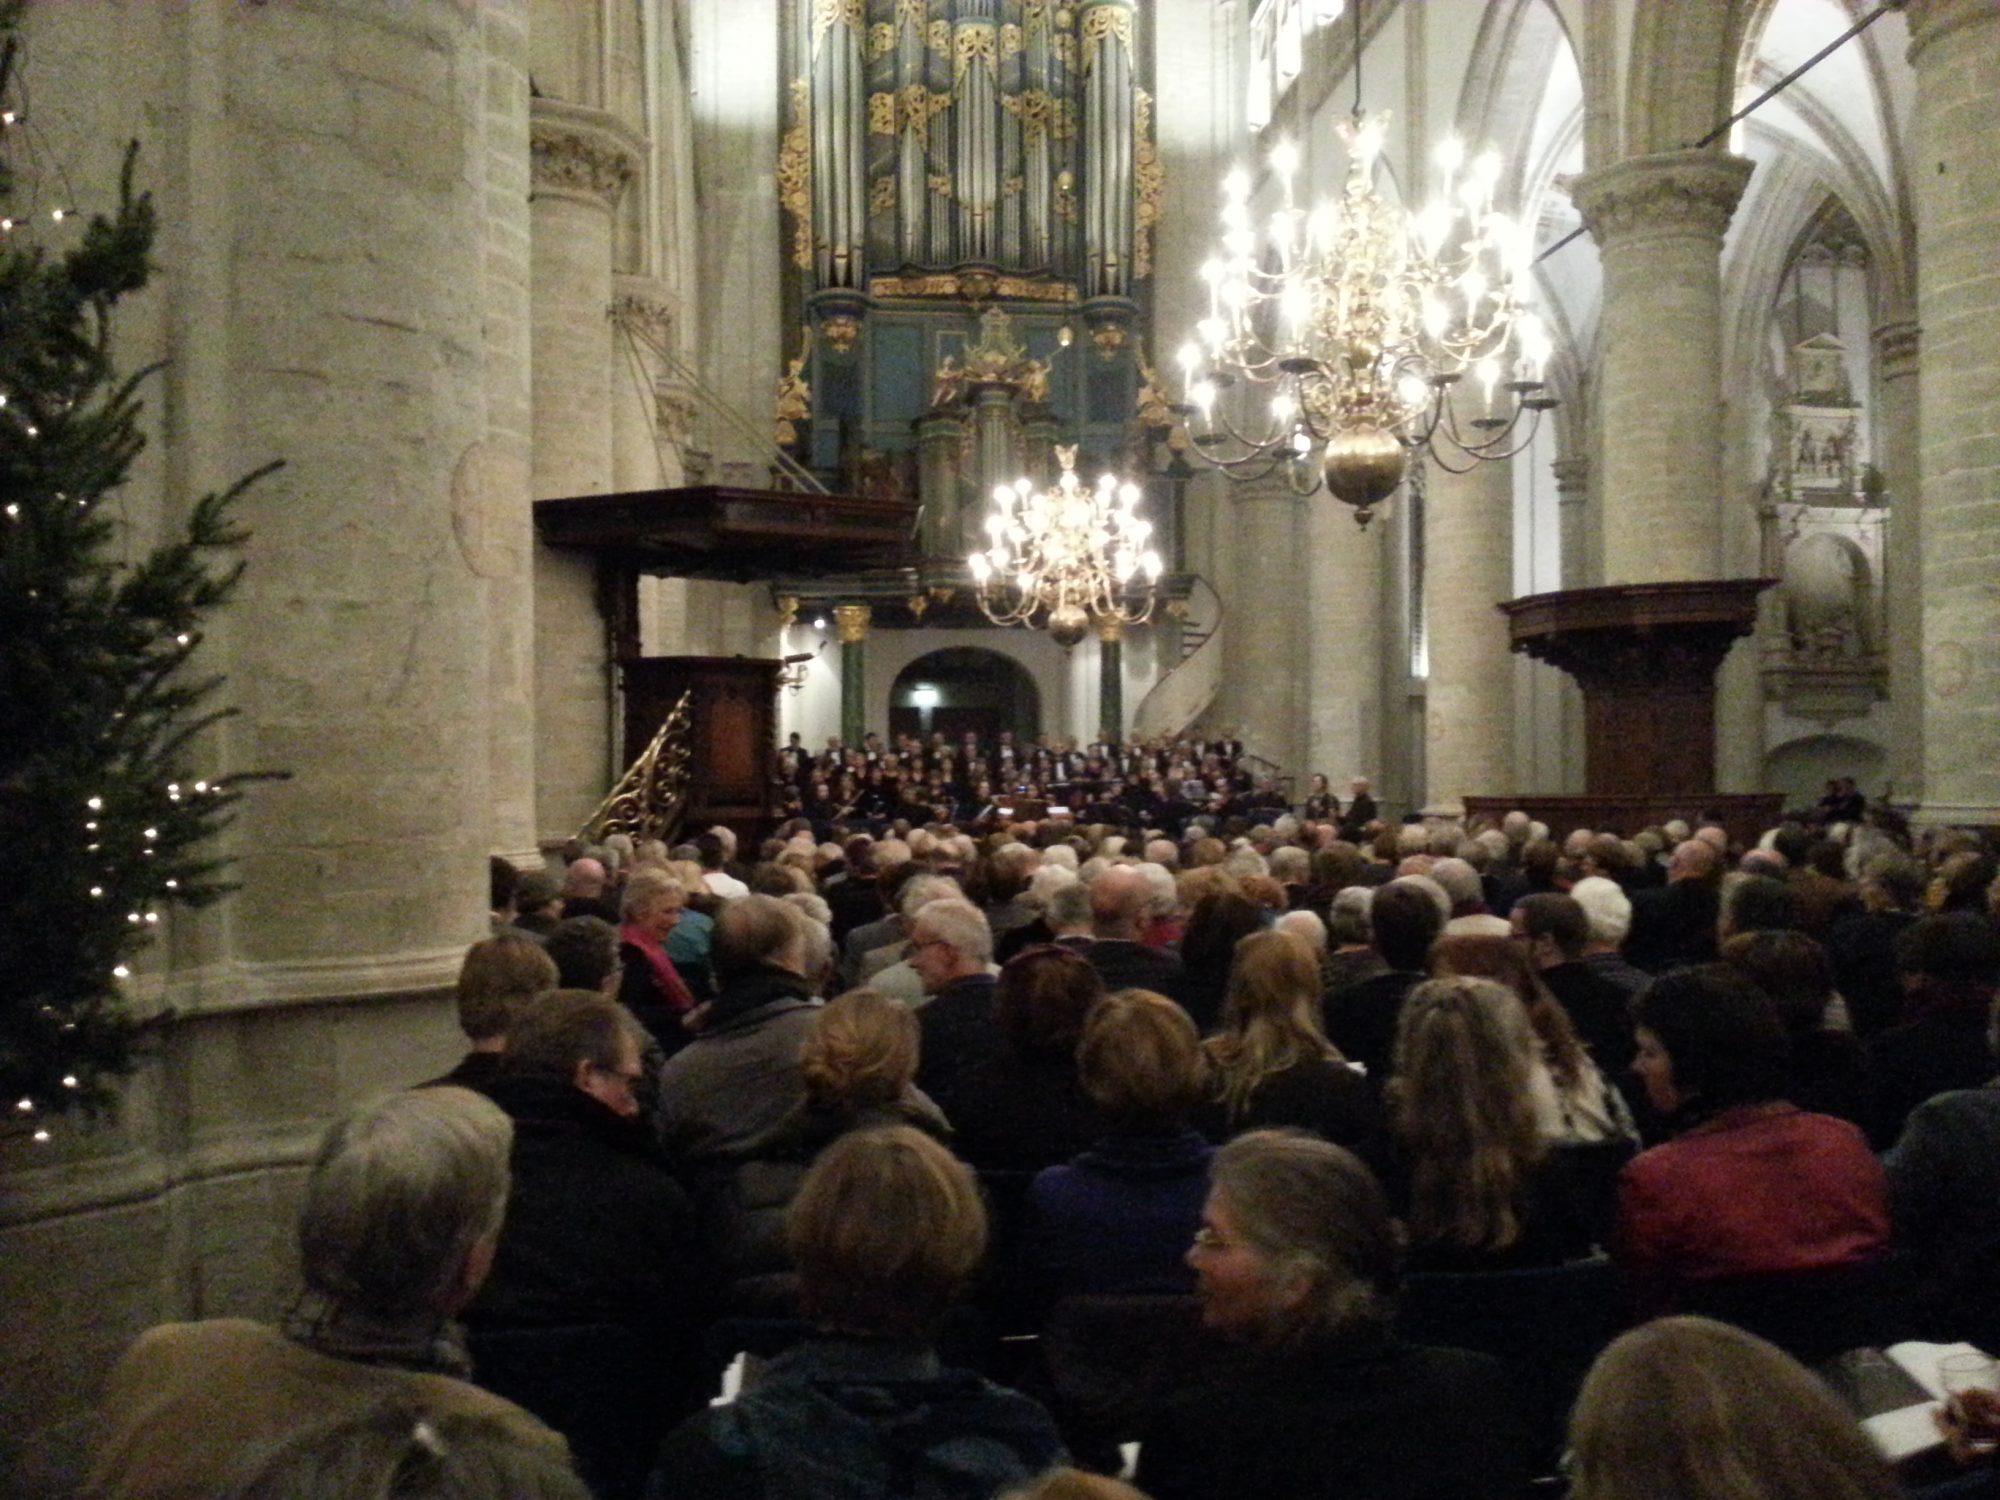 Het Weihnachts-Oratorium door het Bachkoor Brabant - uitvoering in de Grote Kerk december 2012